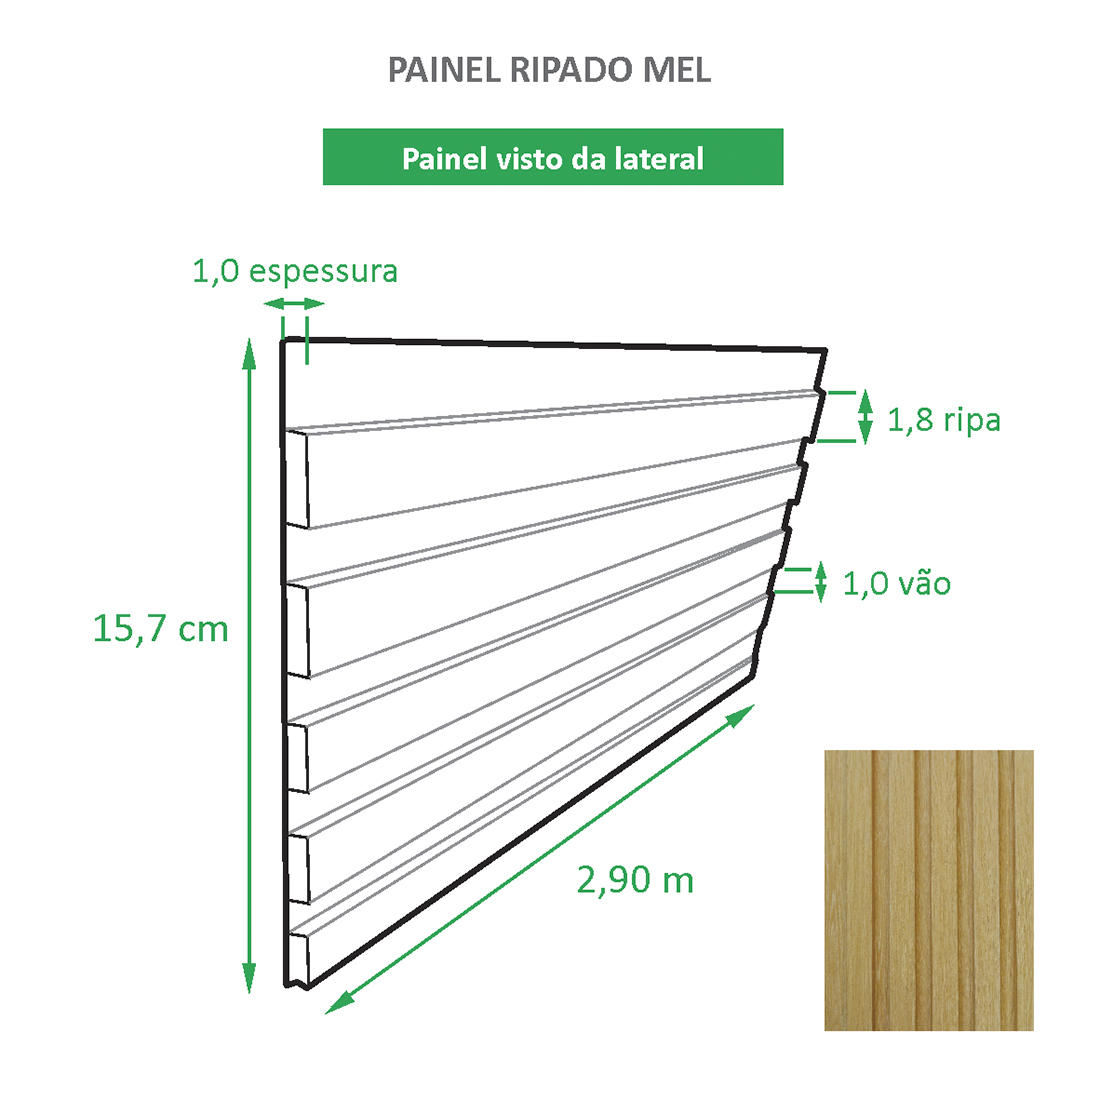 Painel Ripado Ecológico RENO Mel - Novo Modelo placa com 0,45m²